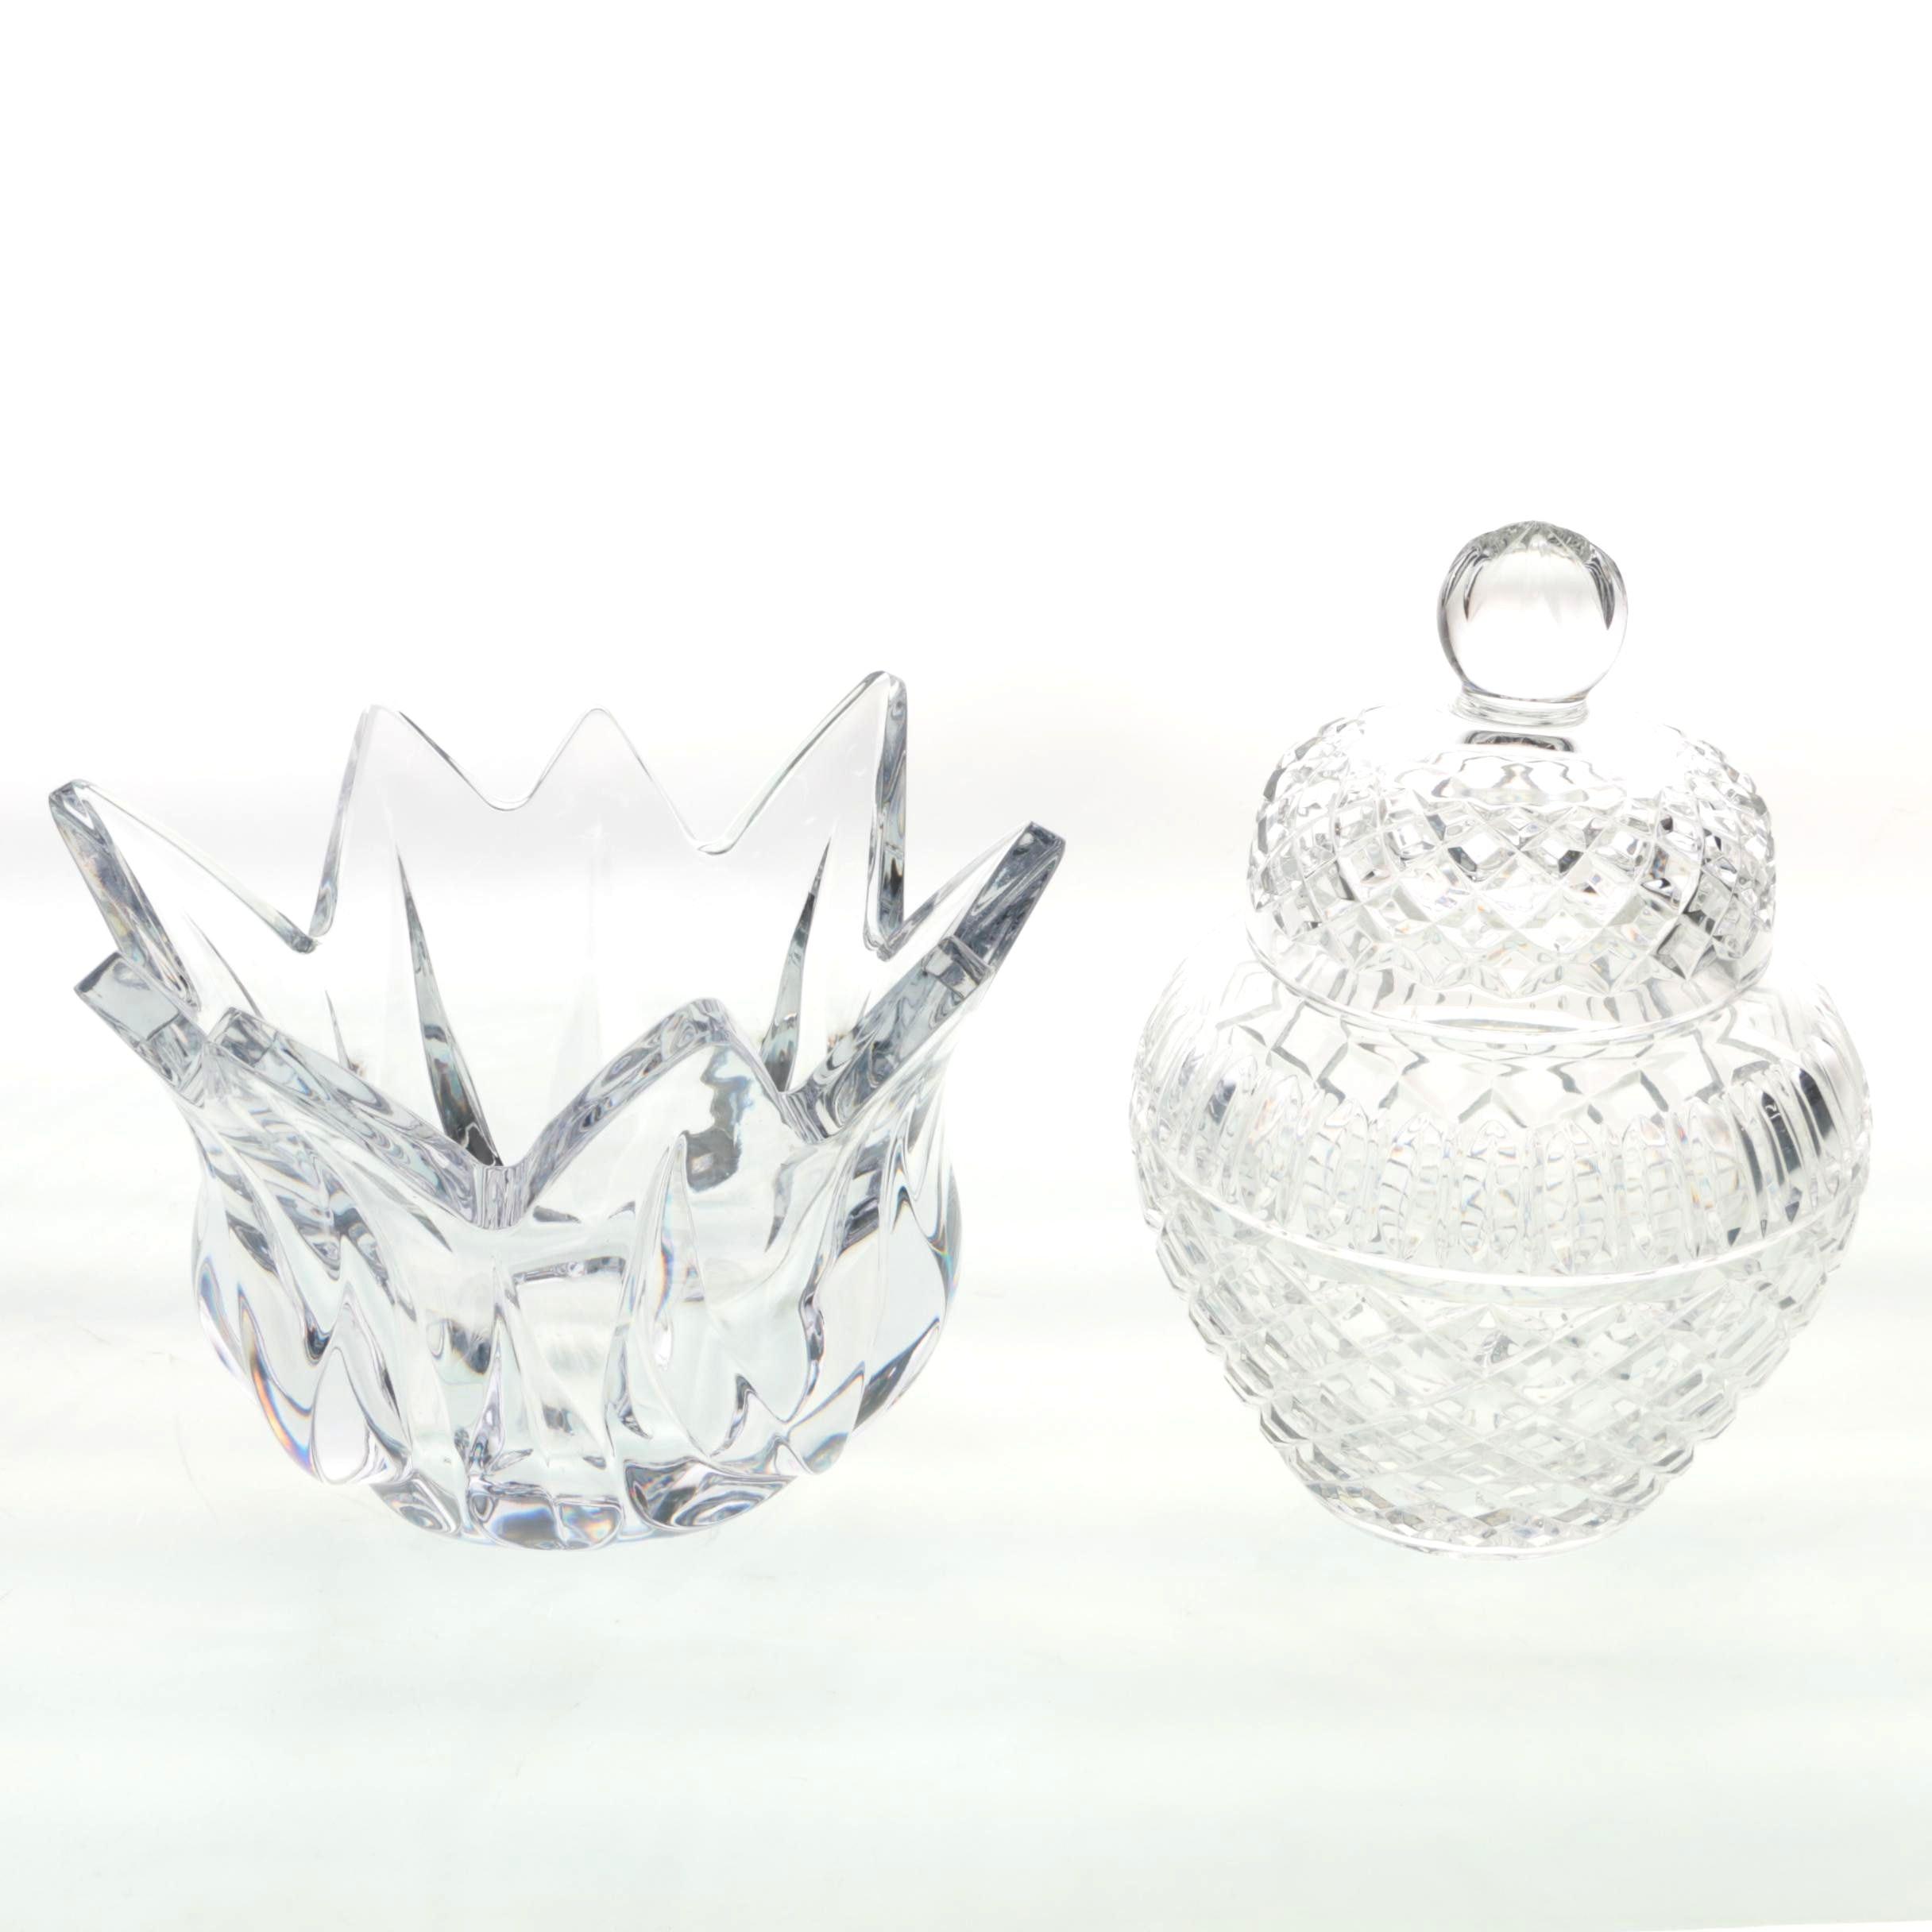 Crystal Jar and Bowl